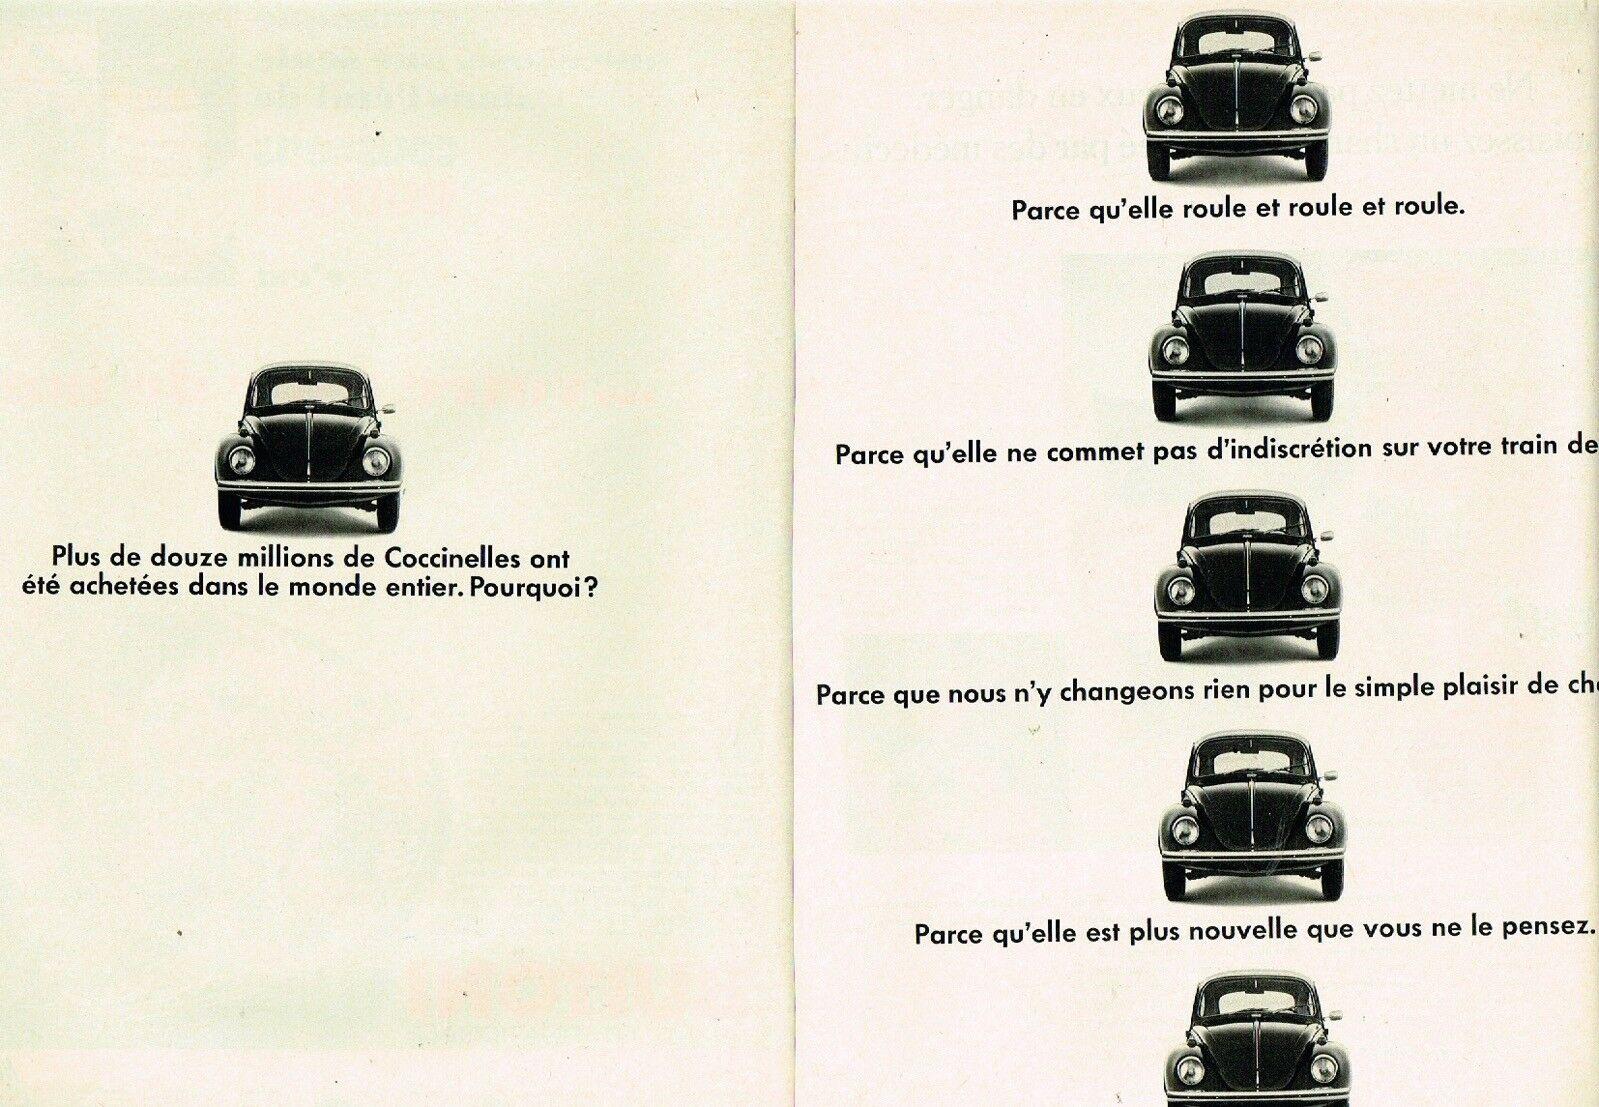 1969 Volkswagen Coccinelle